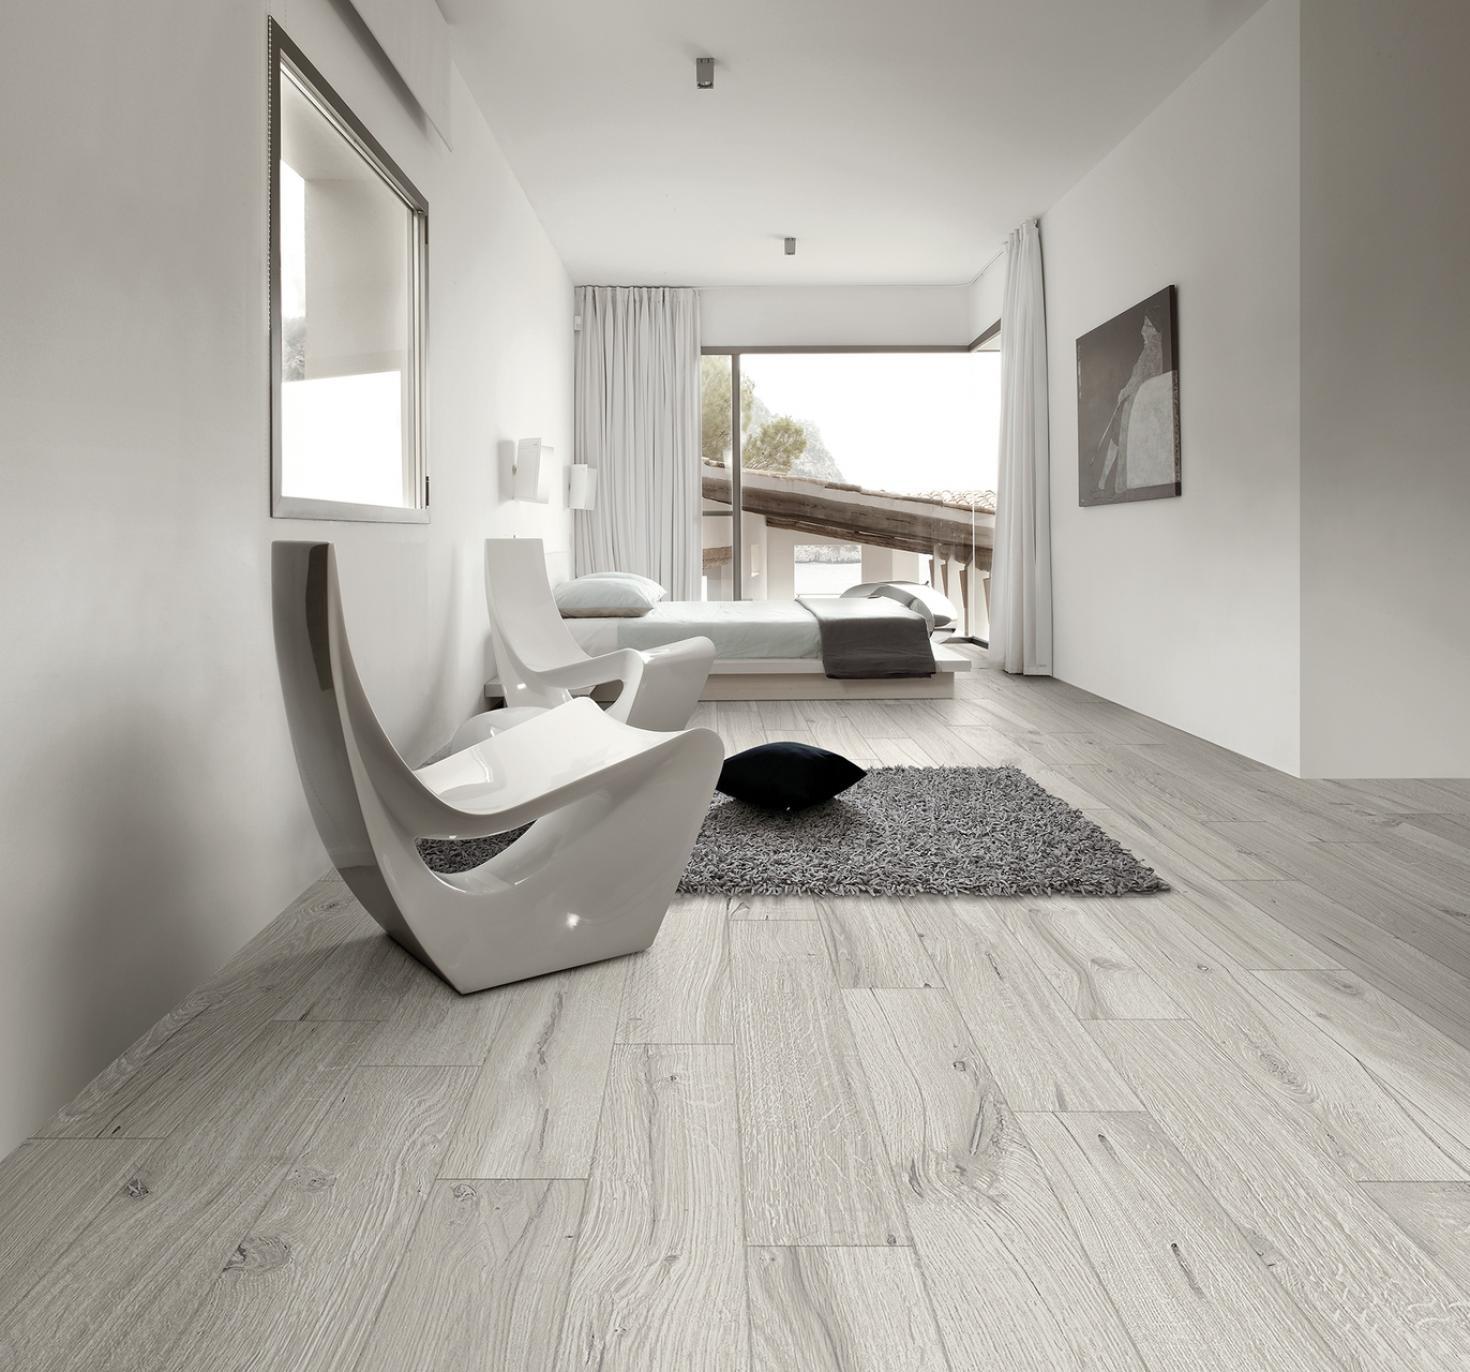 Architecte D Interieur Moselle carrelage sol intérieur wood story vente et pose en moselle